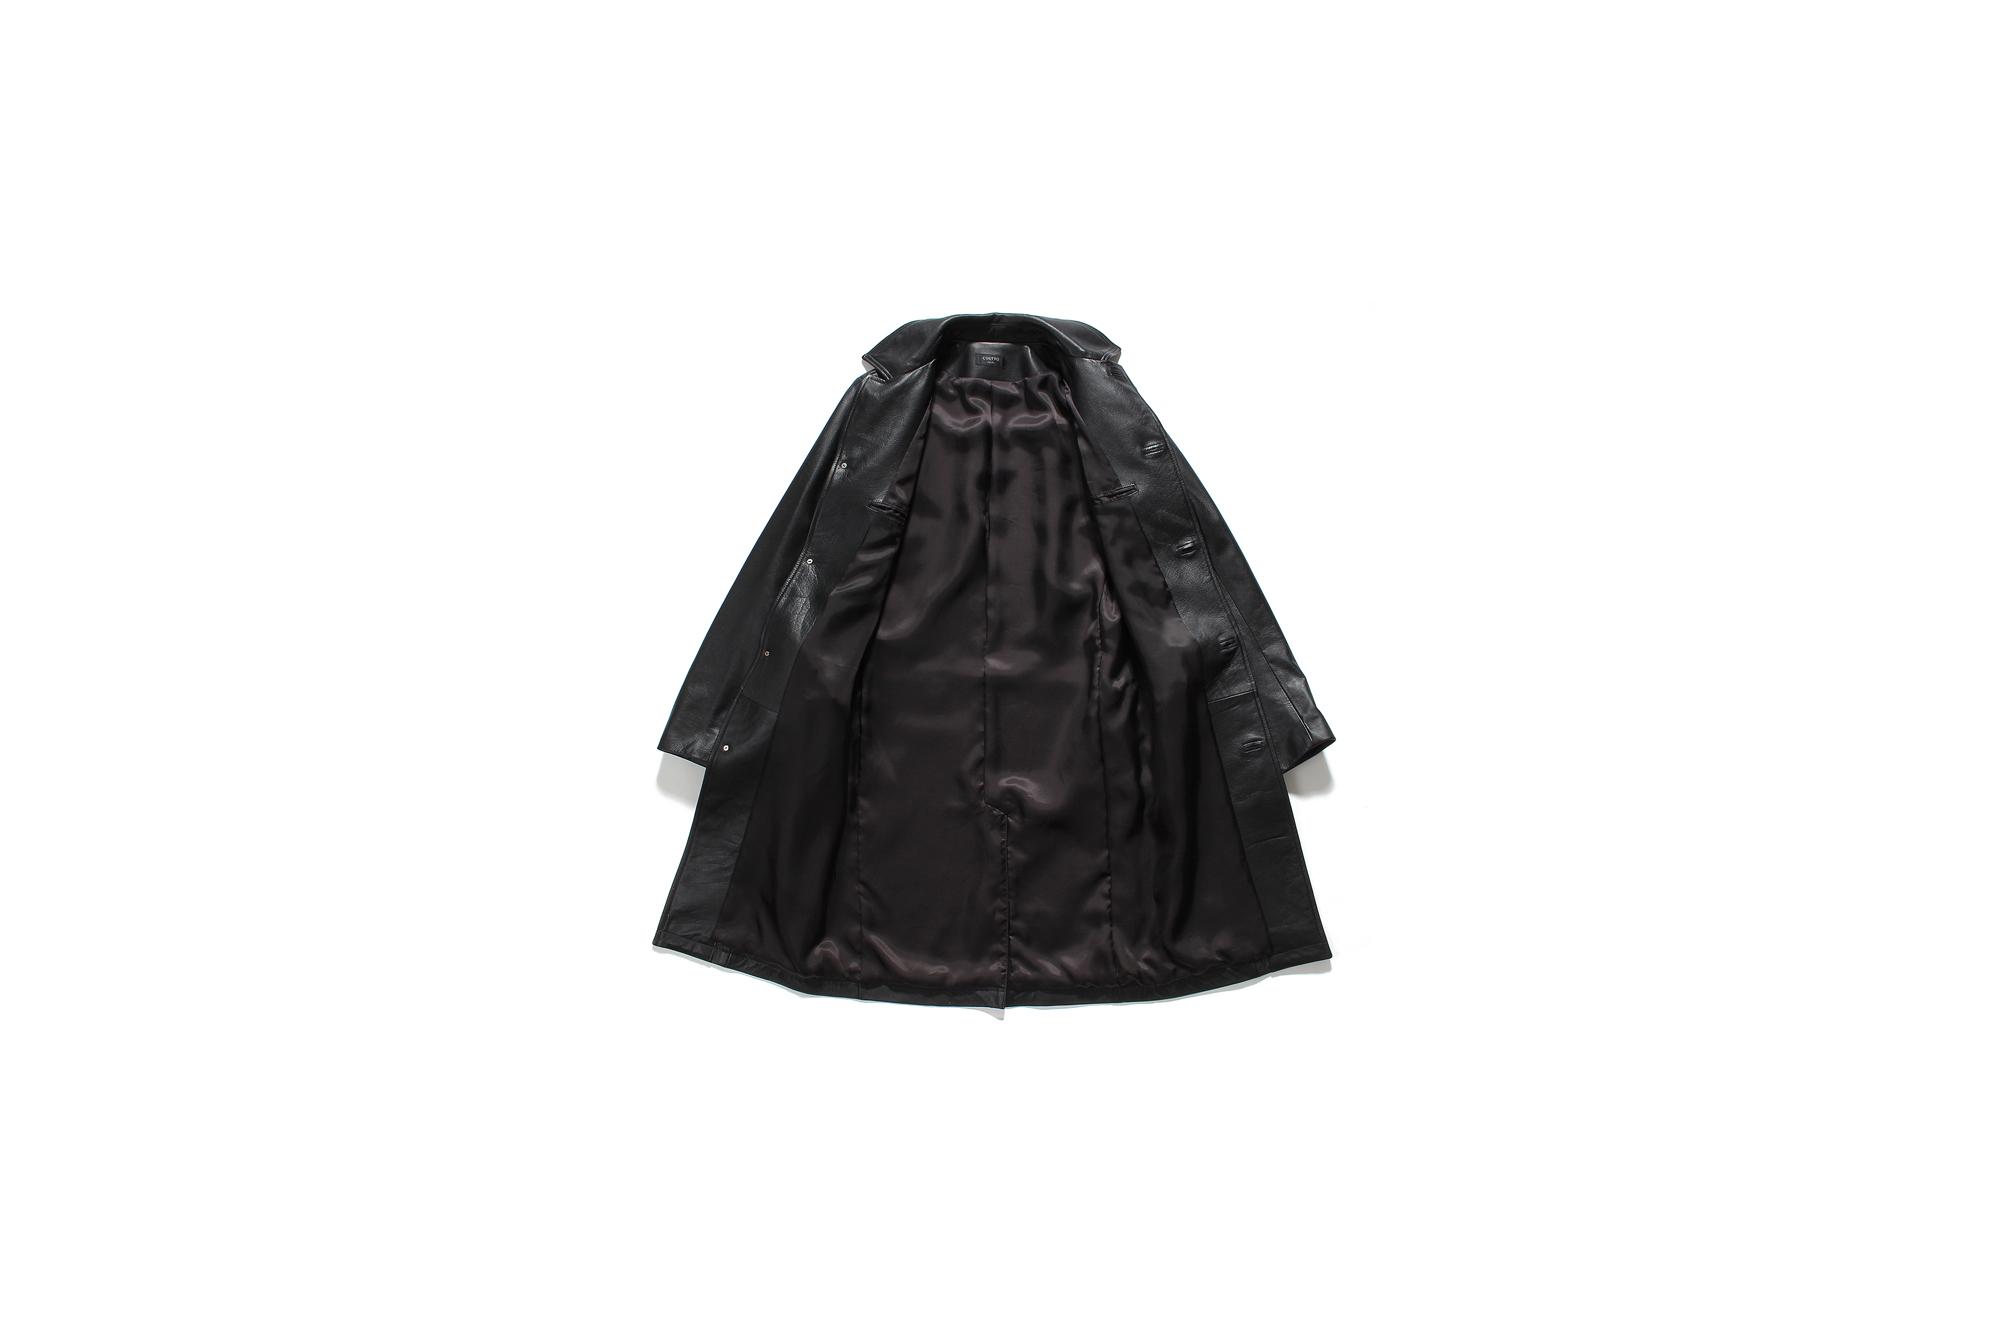 cuervo bopoha (クエルボ ヴァローナ) Satisfaction Leather Collection (サティスファクション レザー コレクション) Ferro (フェッロ) BUFFALO LEATHER (バッファロー レザー) レザー コート BLACK (ブラック) MADE IN JAPAN (日本製) 2021秋冬 愛知 名古屋 Alto e DIritto アルトエデリット altoediritto レザーコート